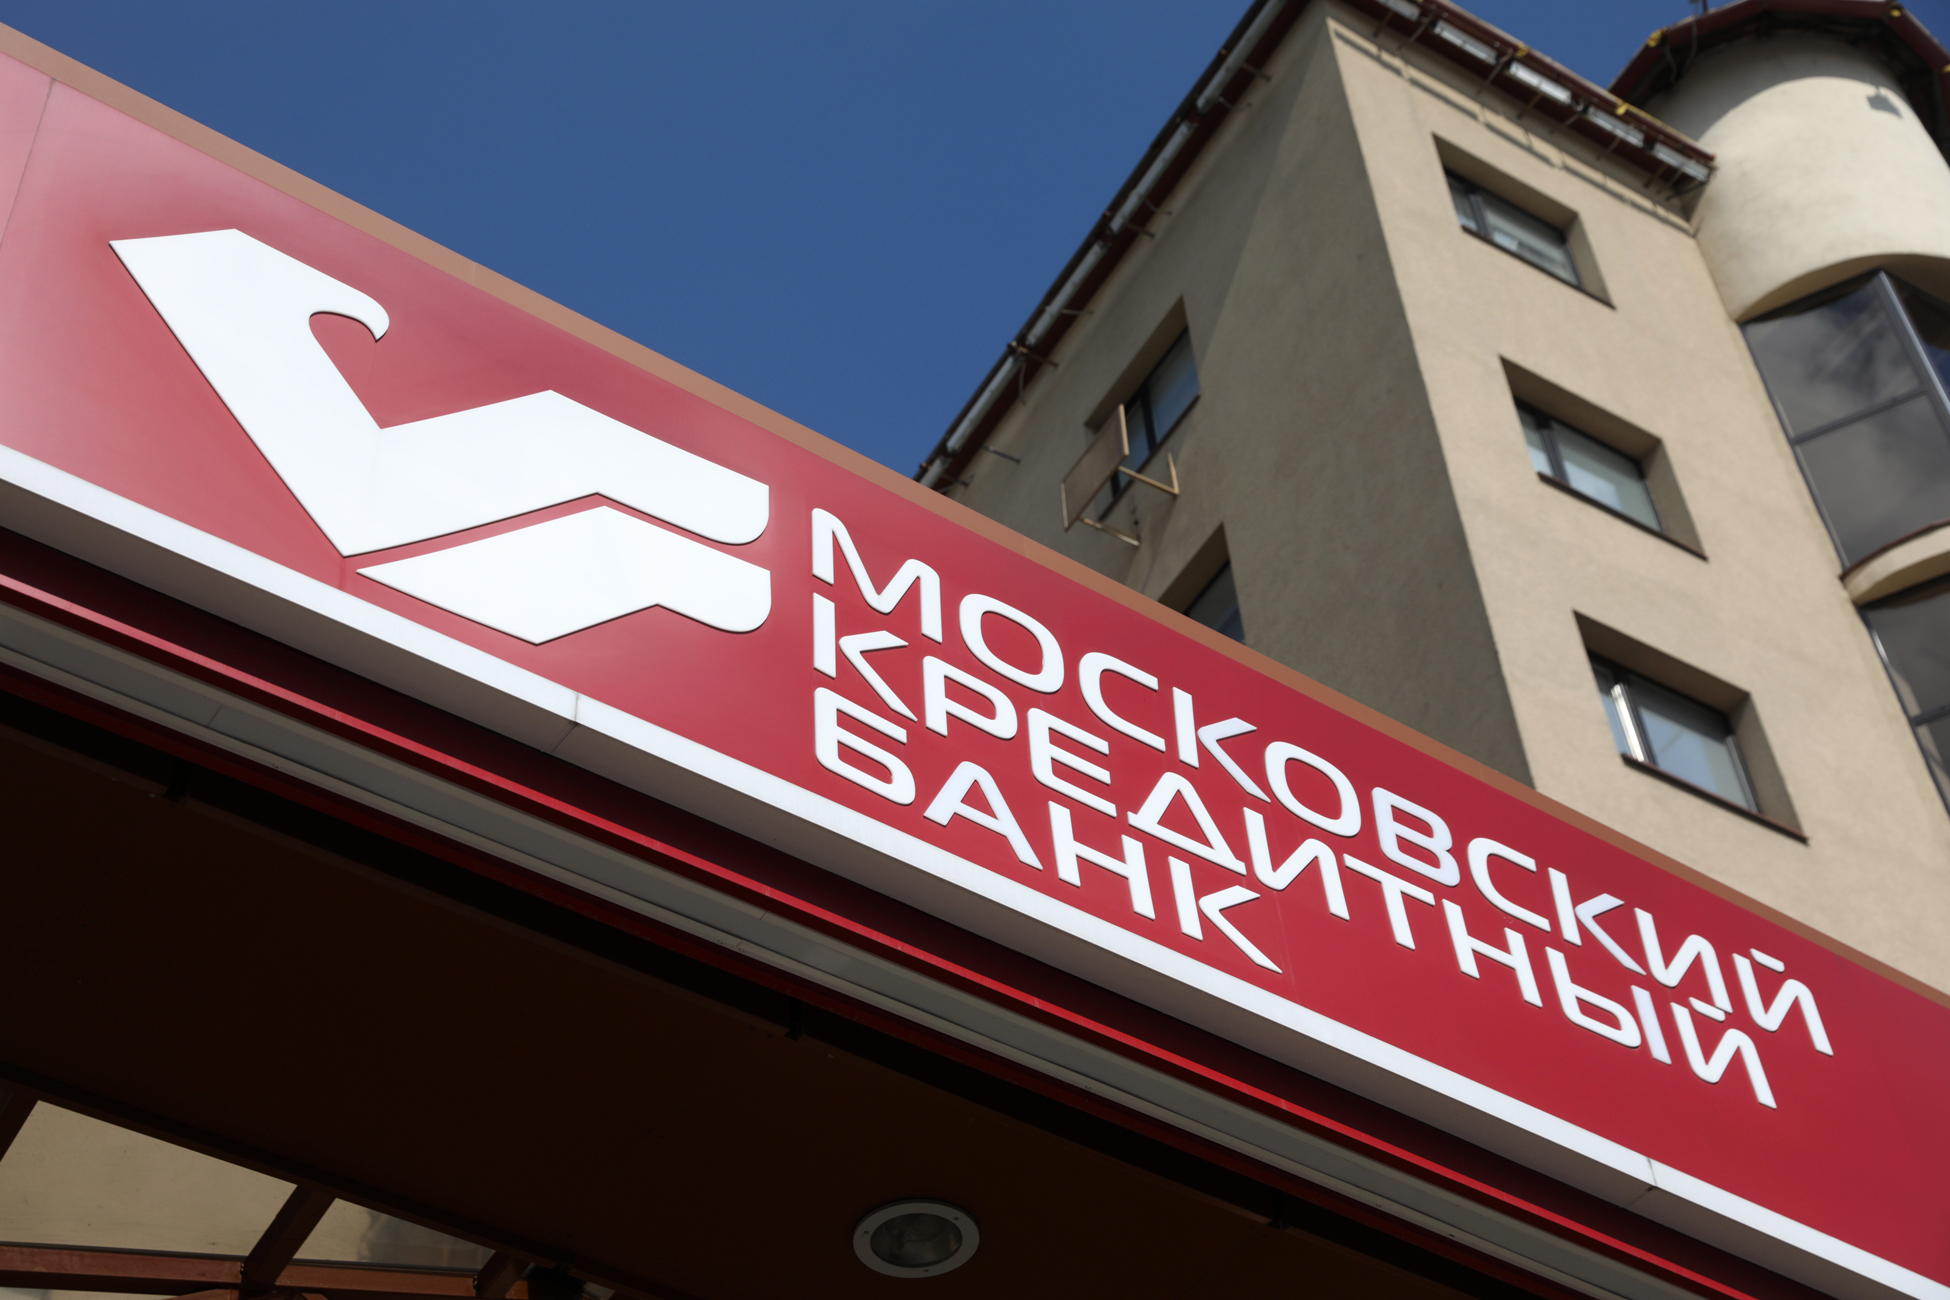 Майский шоппинг. МКБ проанализировал покупки россиян в длинные выходные